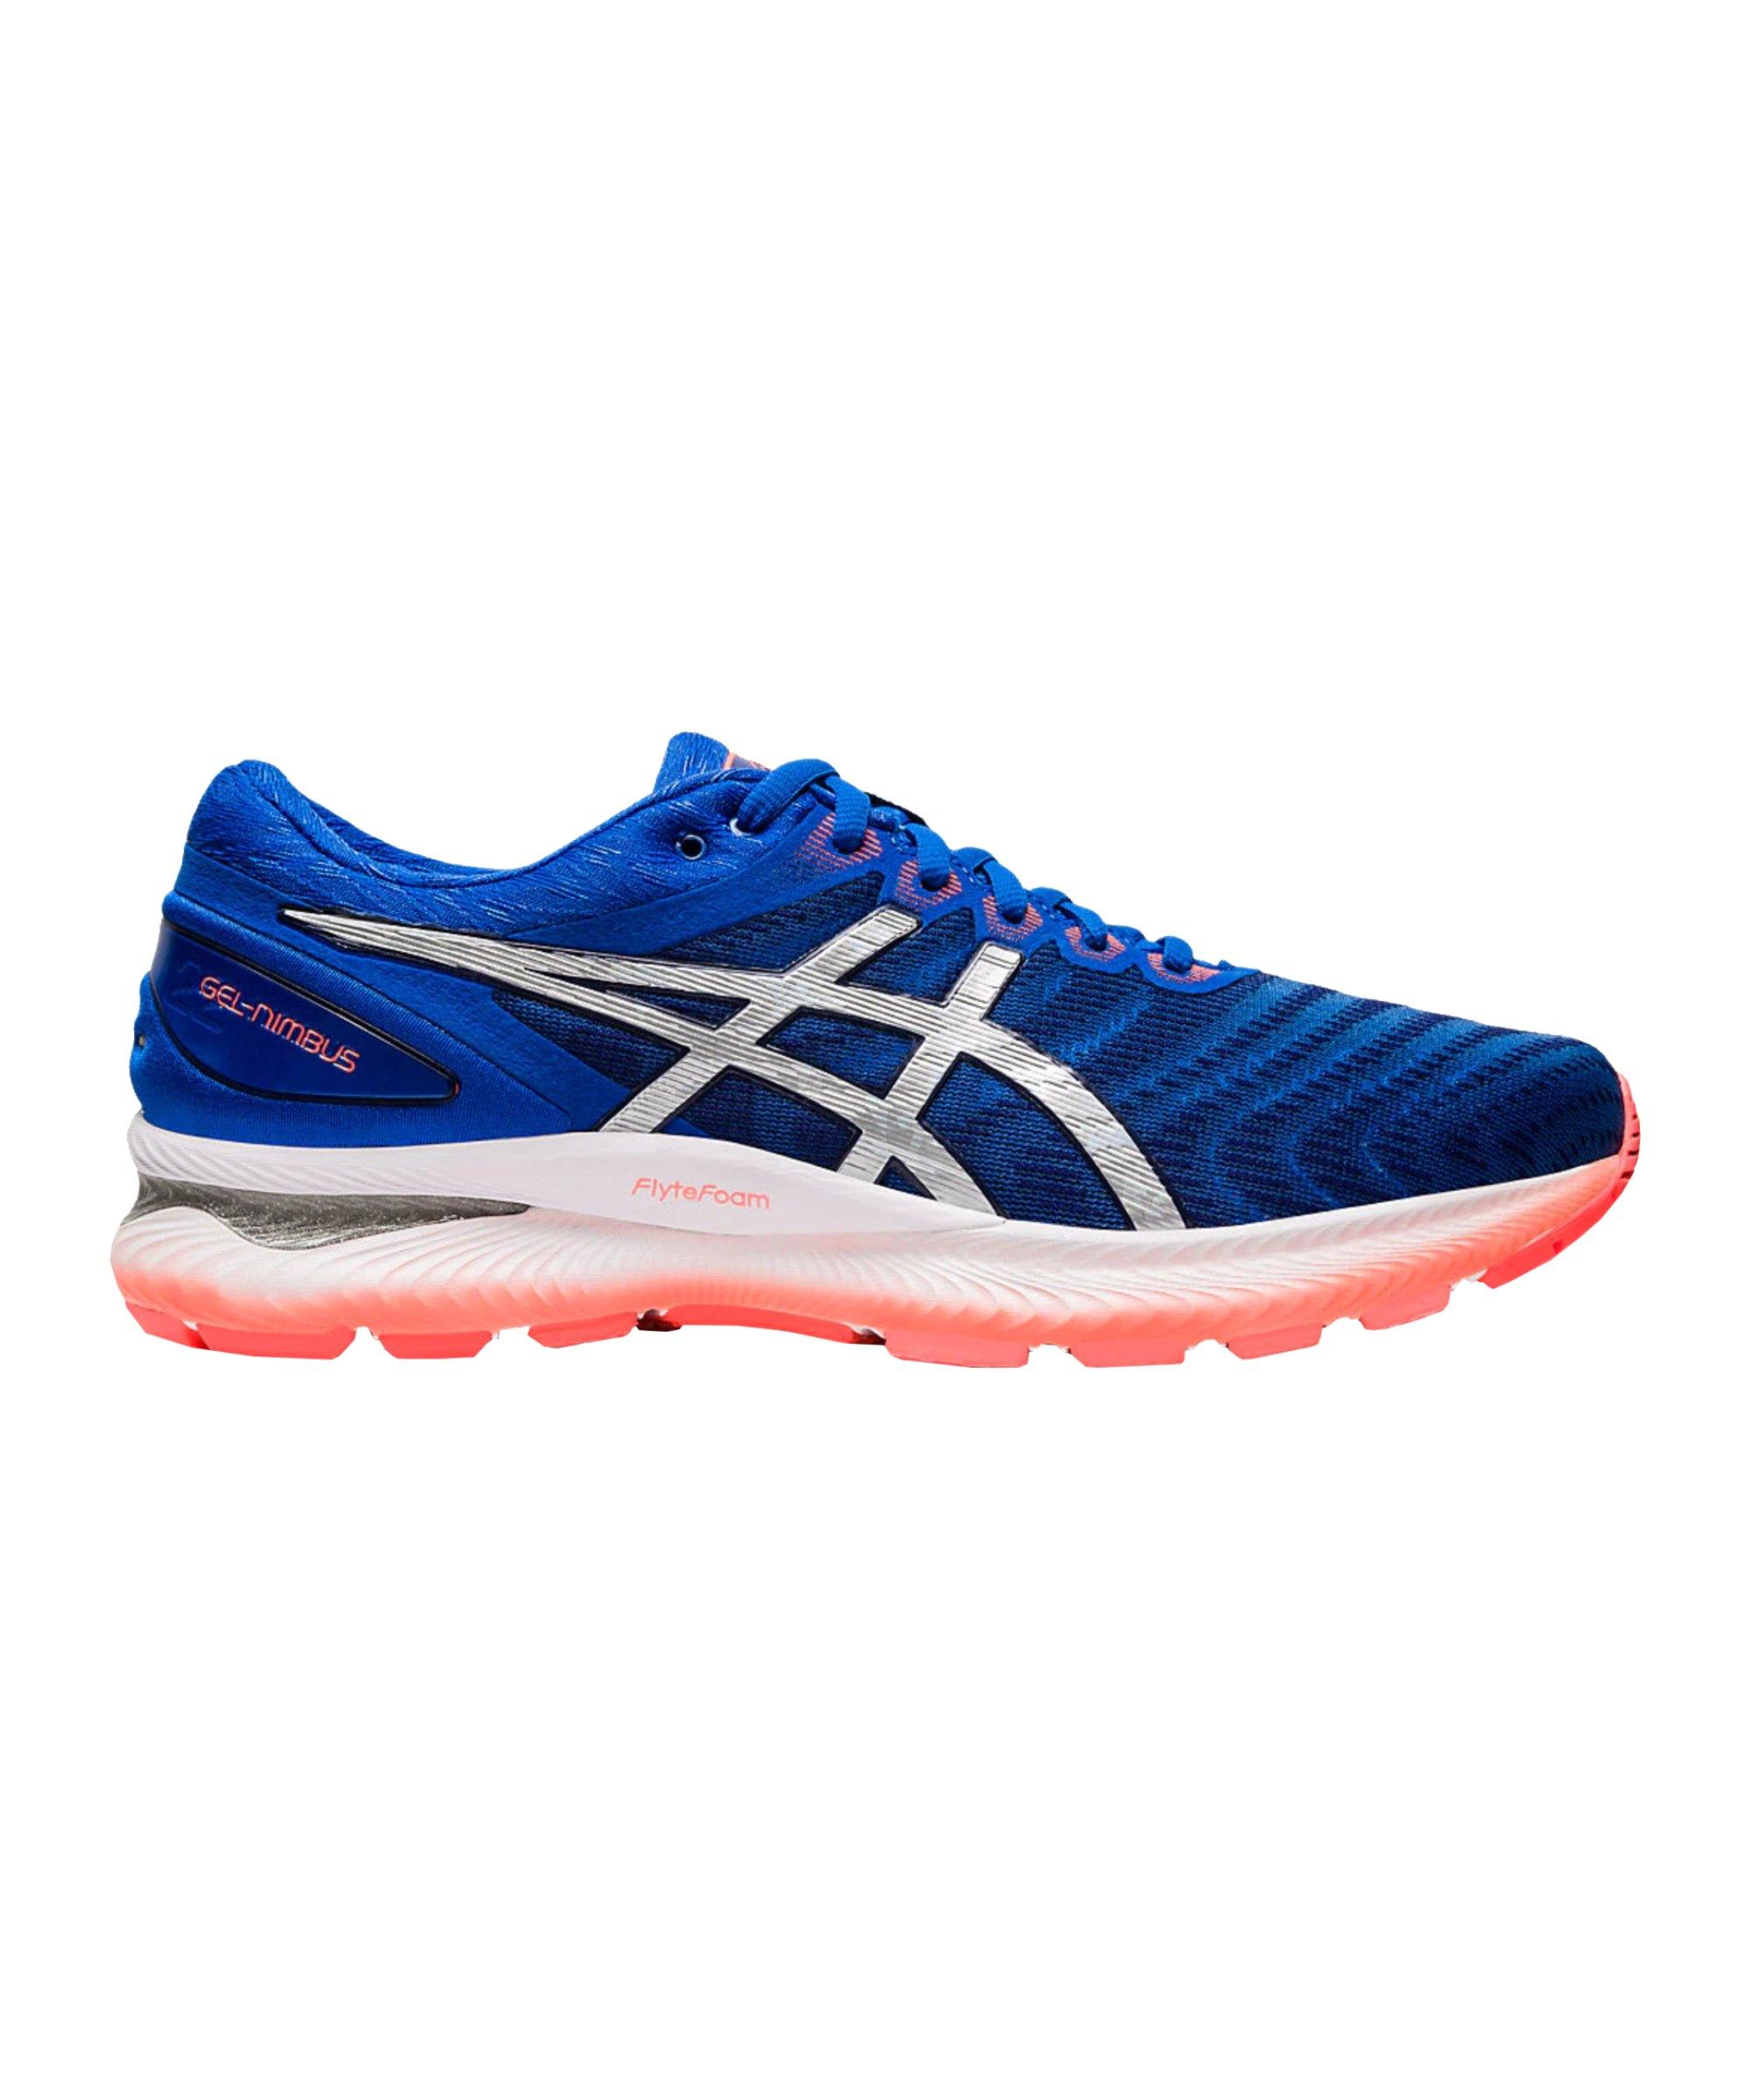 Asics Gel-Nimbus 22 Running Blau F403 - blau